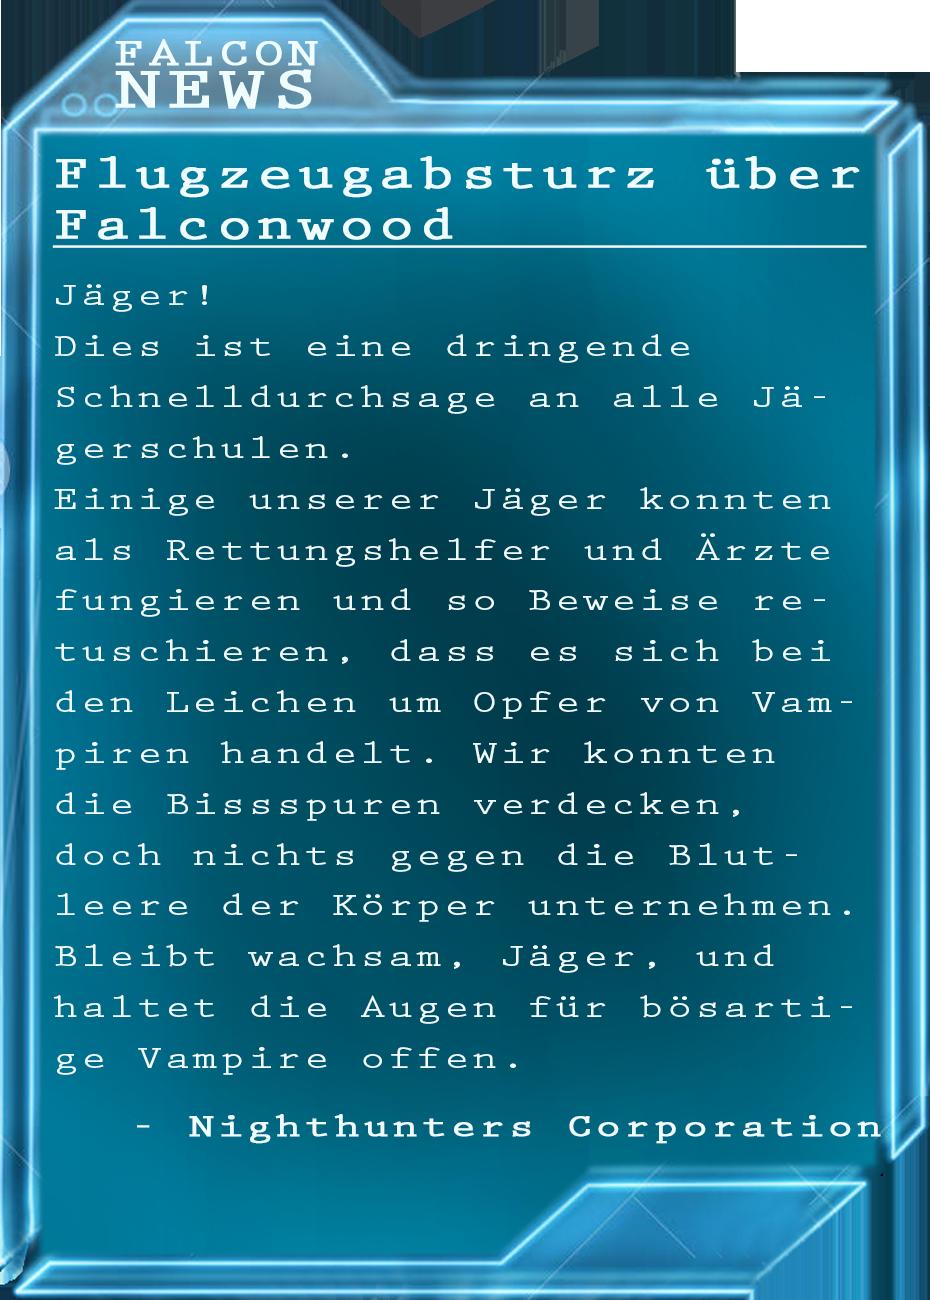 Flugzeugabsturz_Falconwood2.png